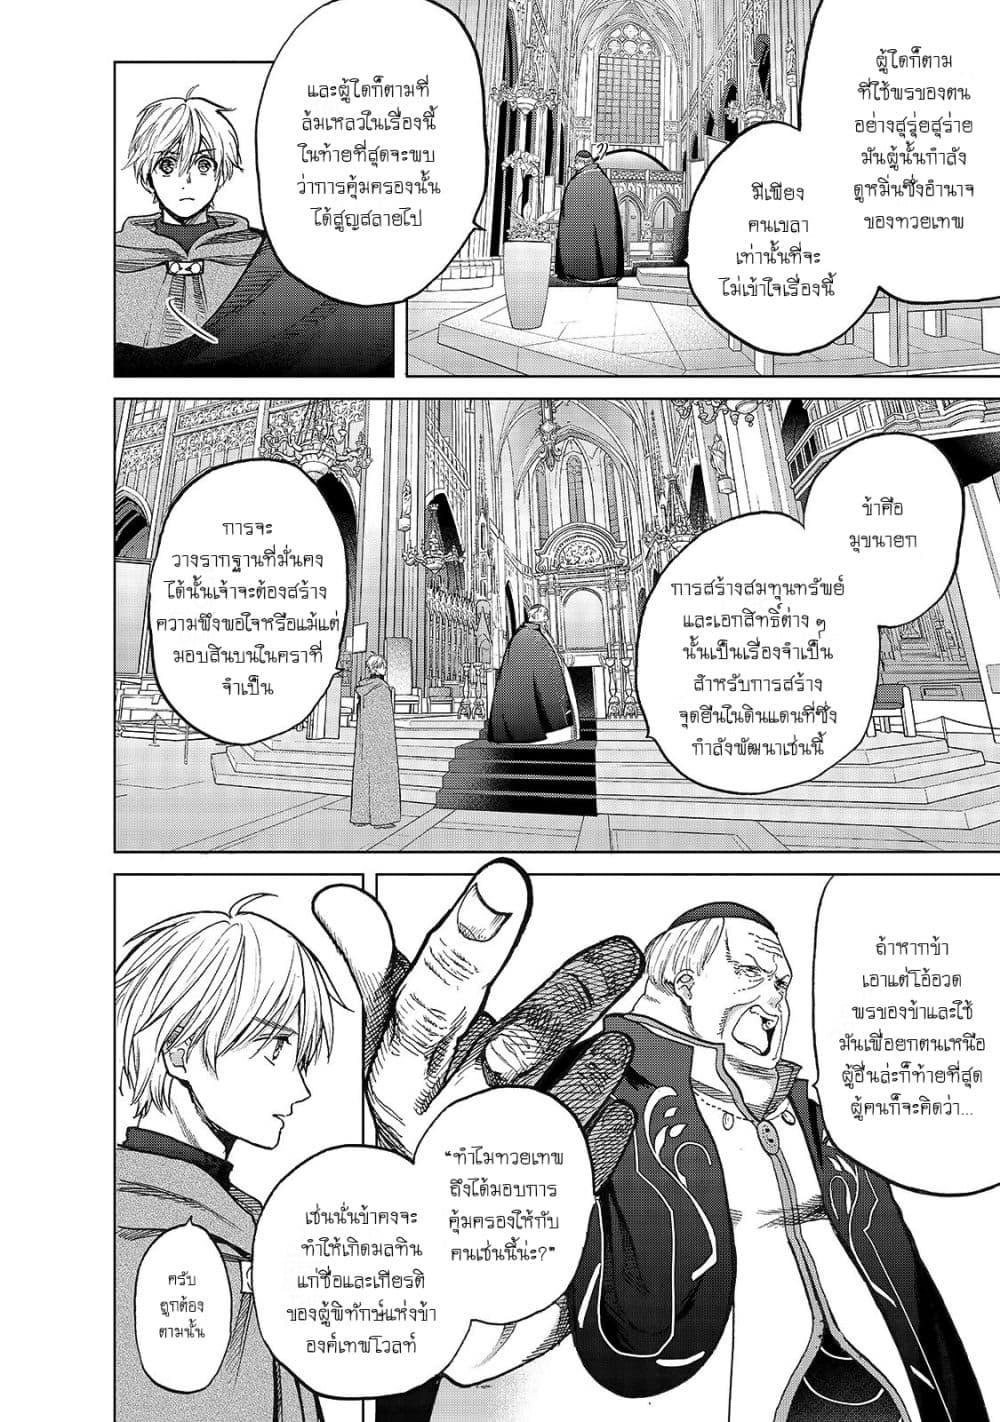 อ่านการ์ตูน Saihate no Paladin ตอนที่ 22 หน้าที่ 16